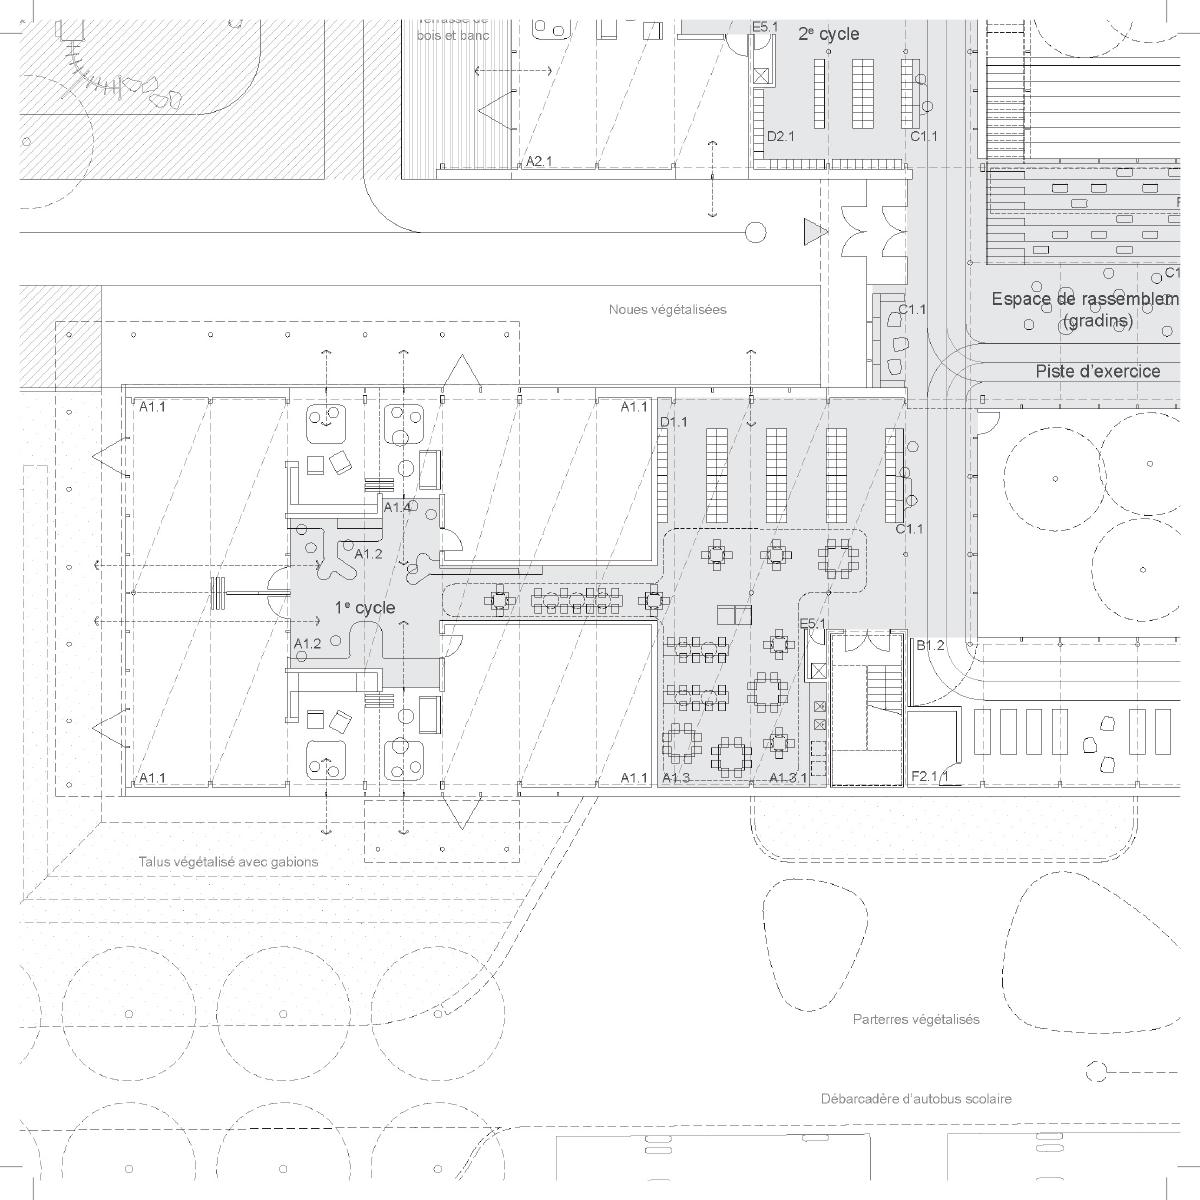 Plan d'une salle de classe par Chevalier Morales architectes, pour le concours du Lab-École à Saguenay, présenté dans le cadre de l'exposition «Devoirs d'architecture».